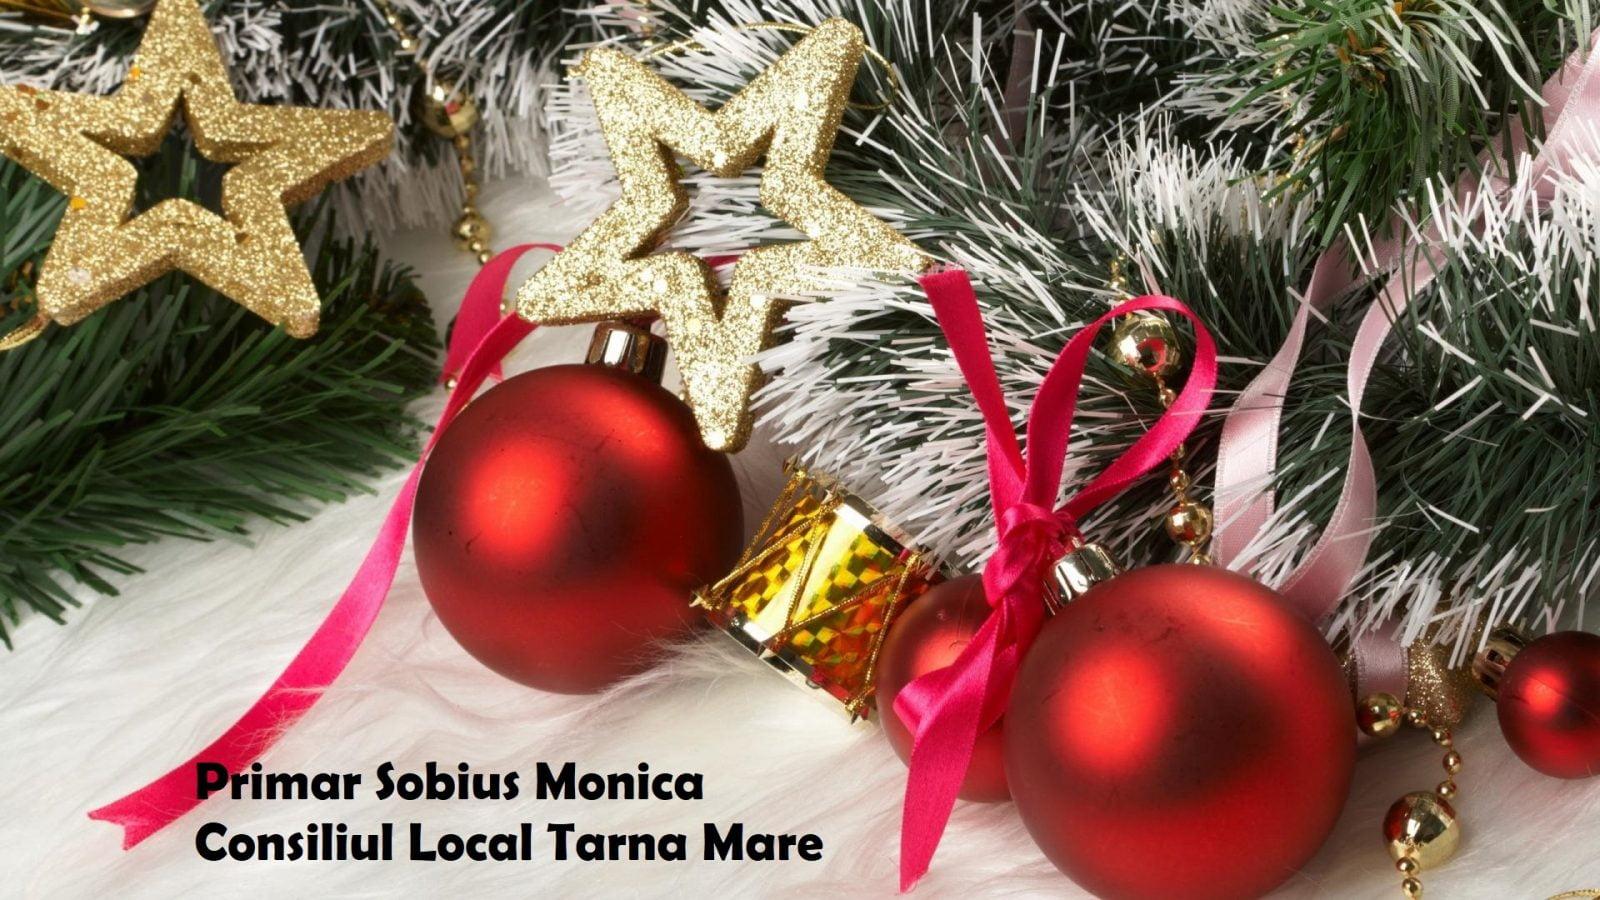 Mesajul de Crăciun al Primăriei Tarna Mare și a doamnei primar Sobius Monica